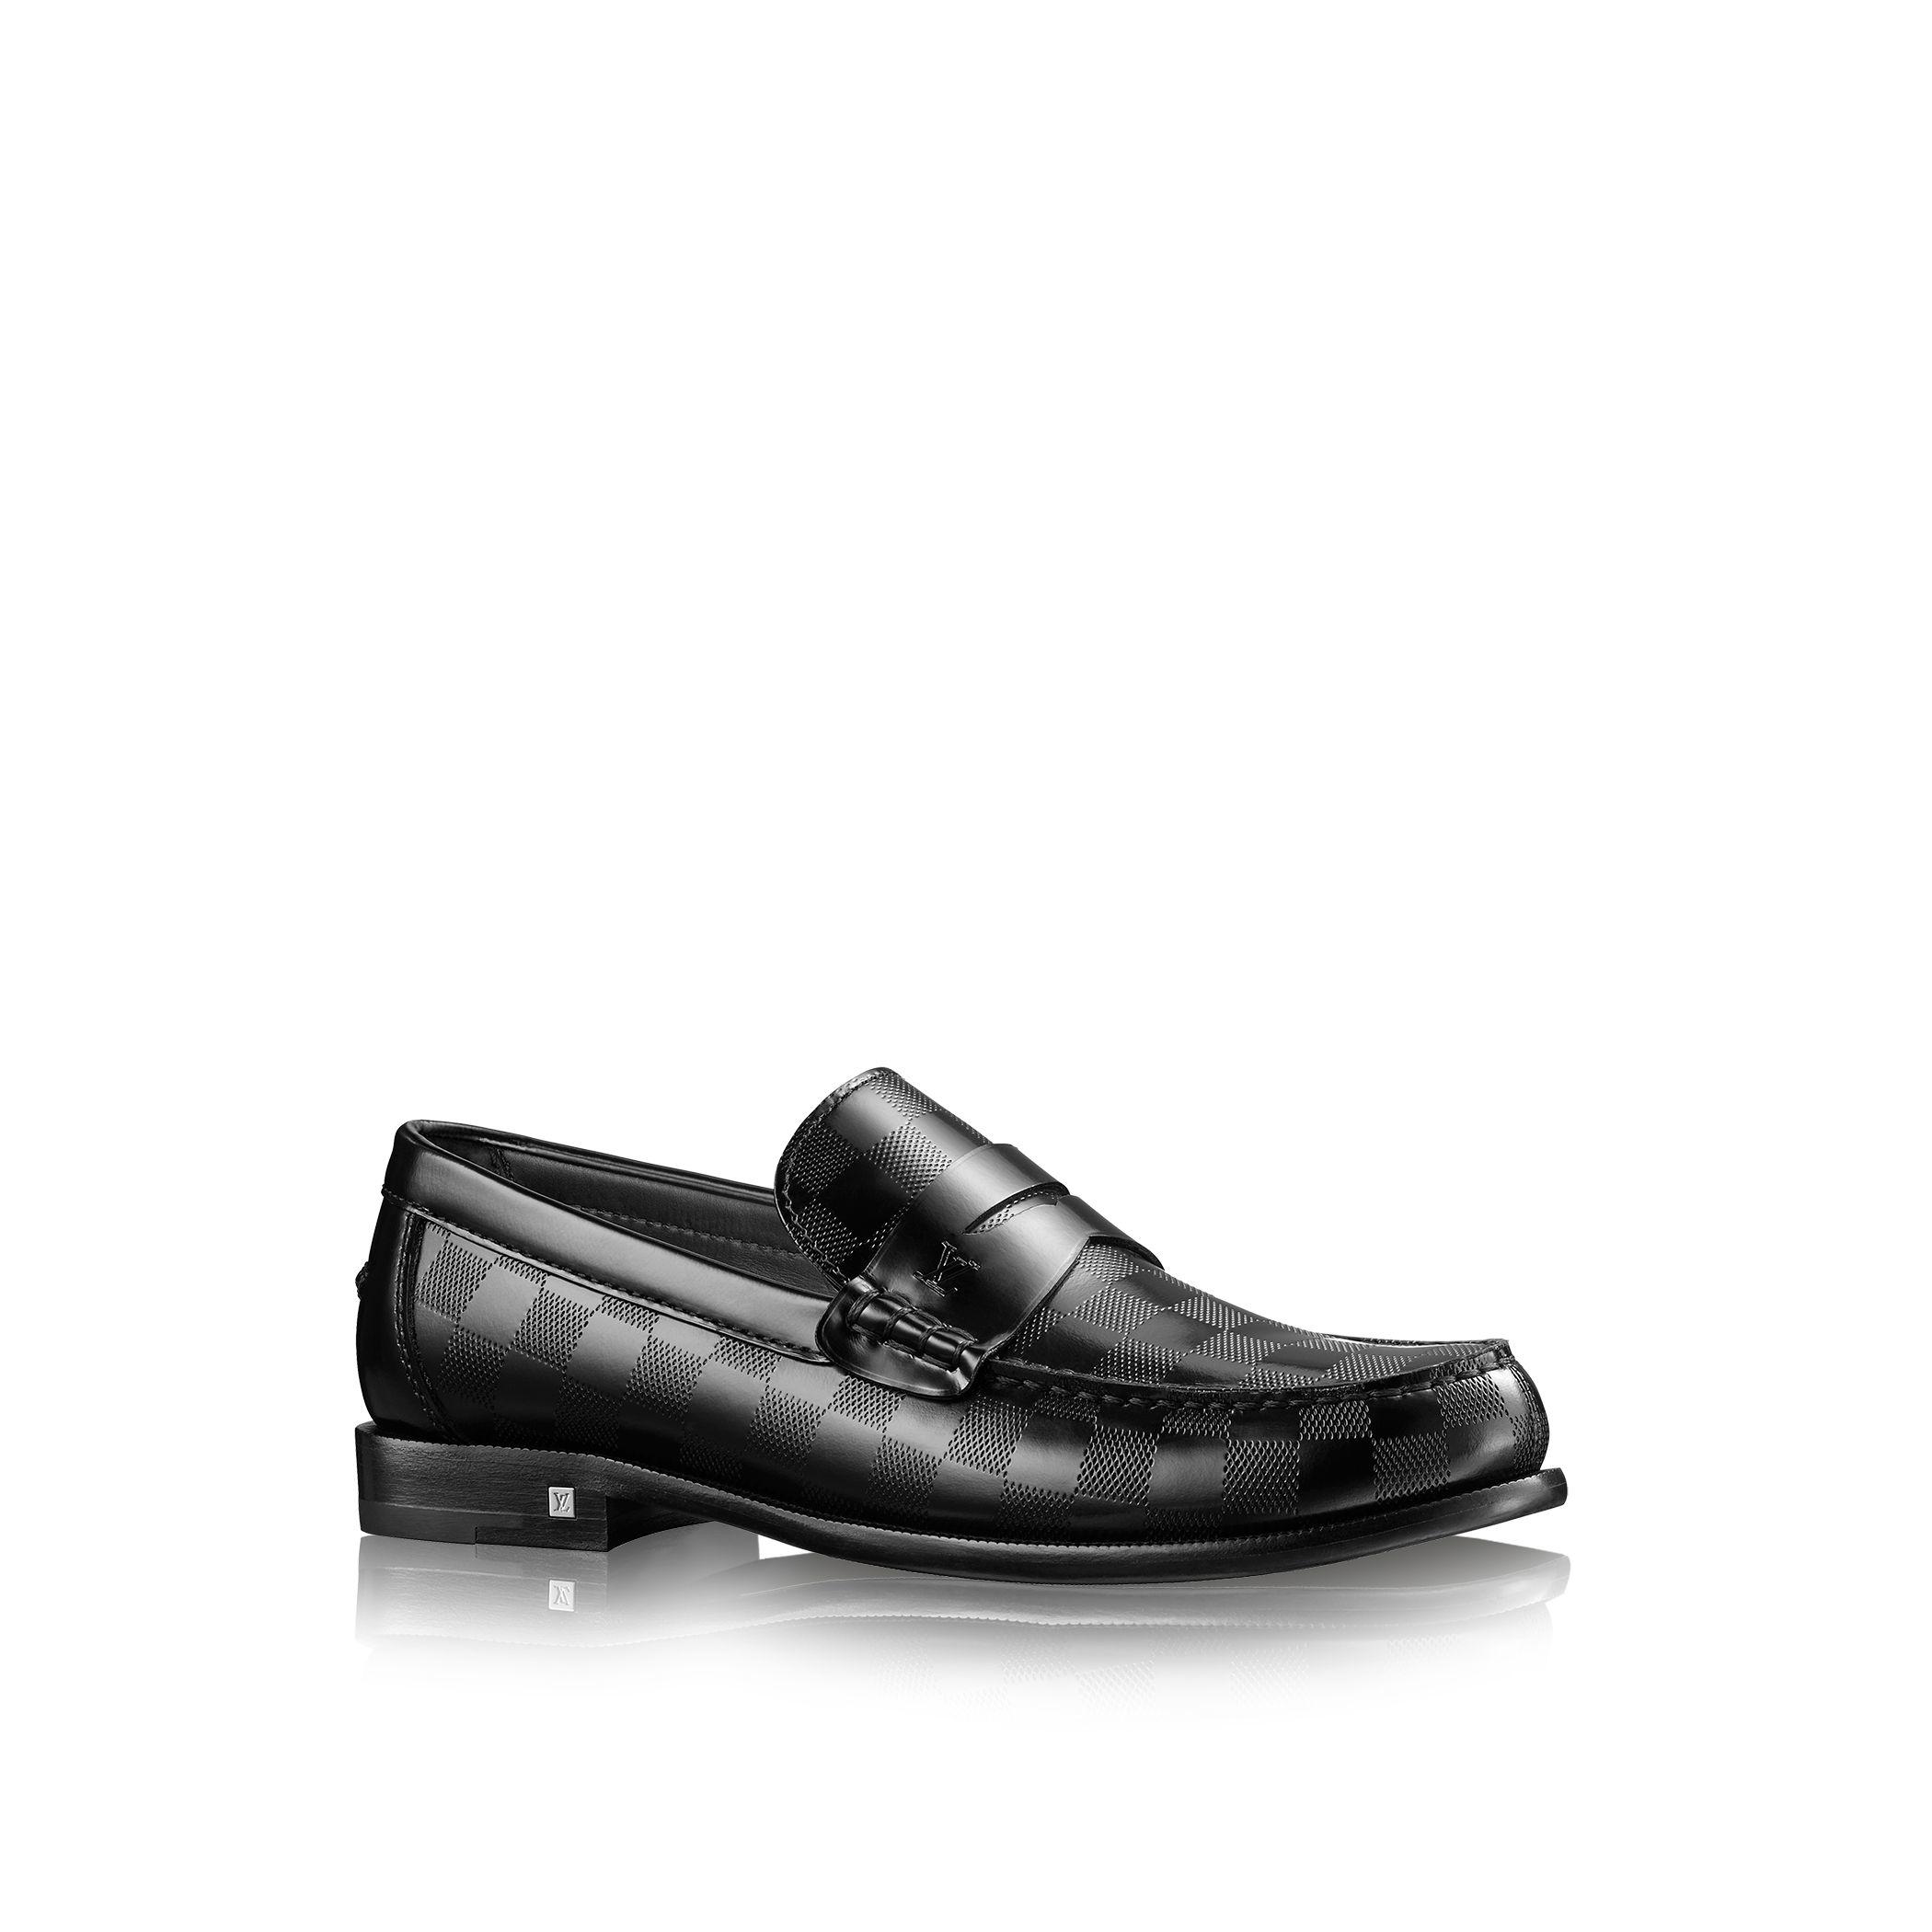 2809c8daf74c Louis Vuitton Graduation Loafer In Black For Men